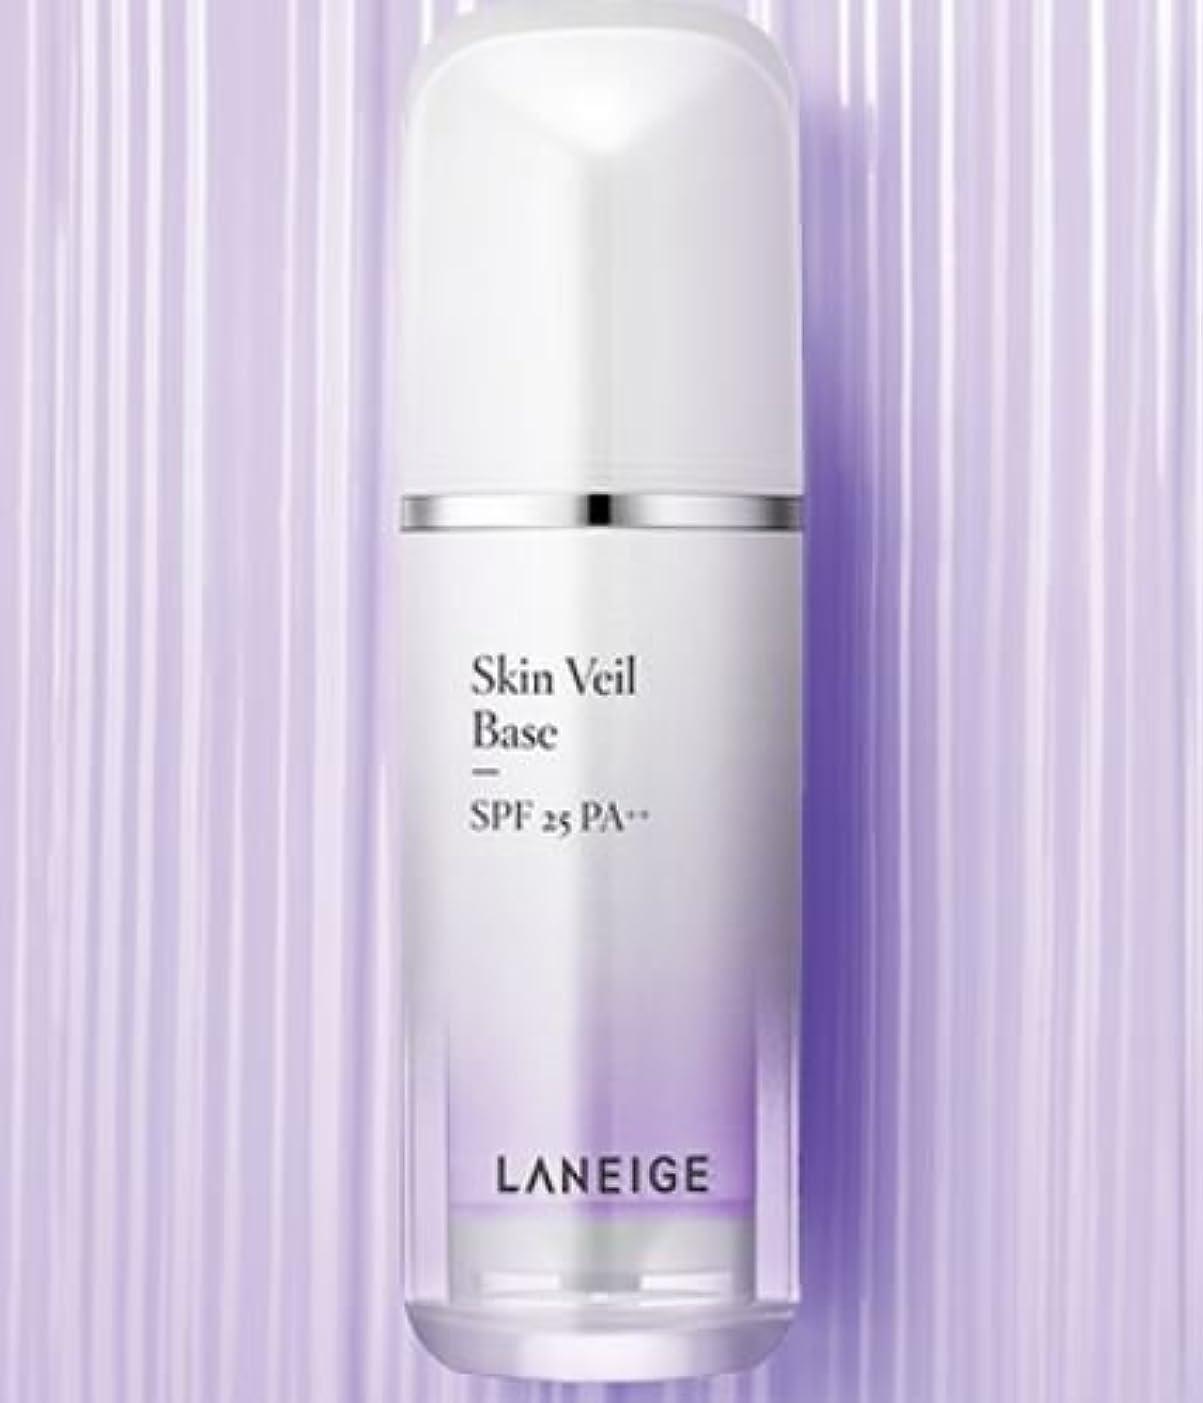 チケット対抗不潔[LANEIGE] Skin Veil Base SPF25 PA++ 30ml/[ラネージュ]スキンベールベース SPF25 PA++ 30ml (# 40 Pure Violet/ピュアバイオレット) [並行輸入品]